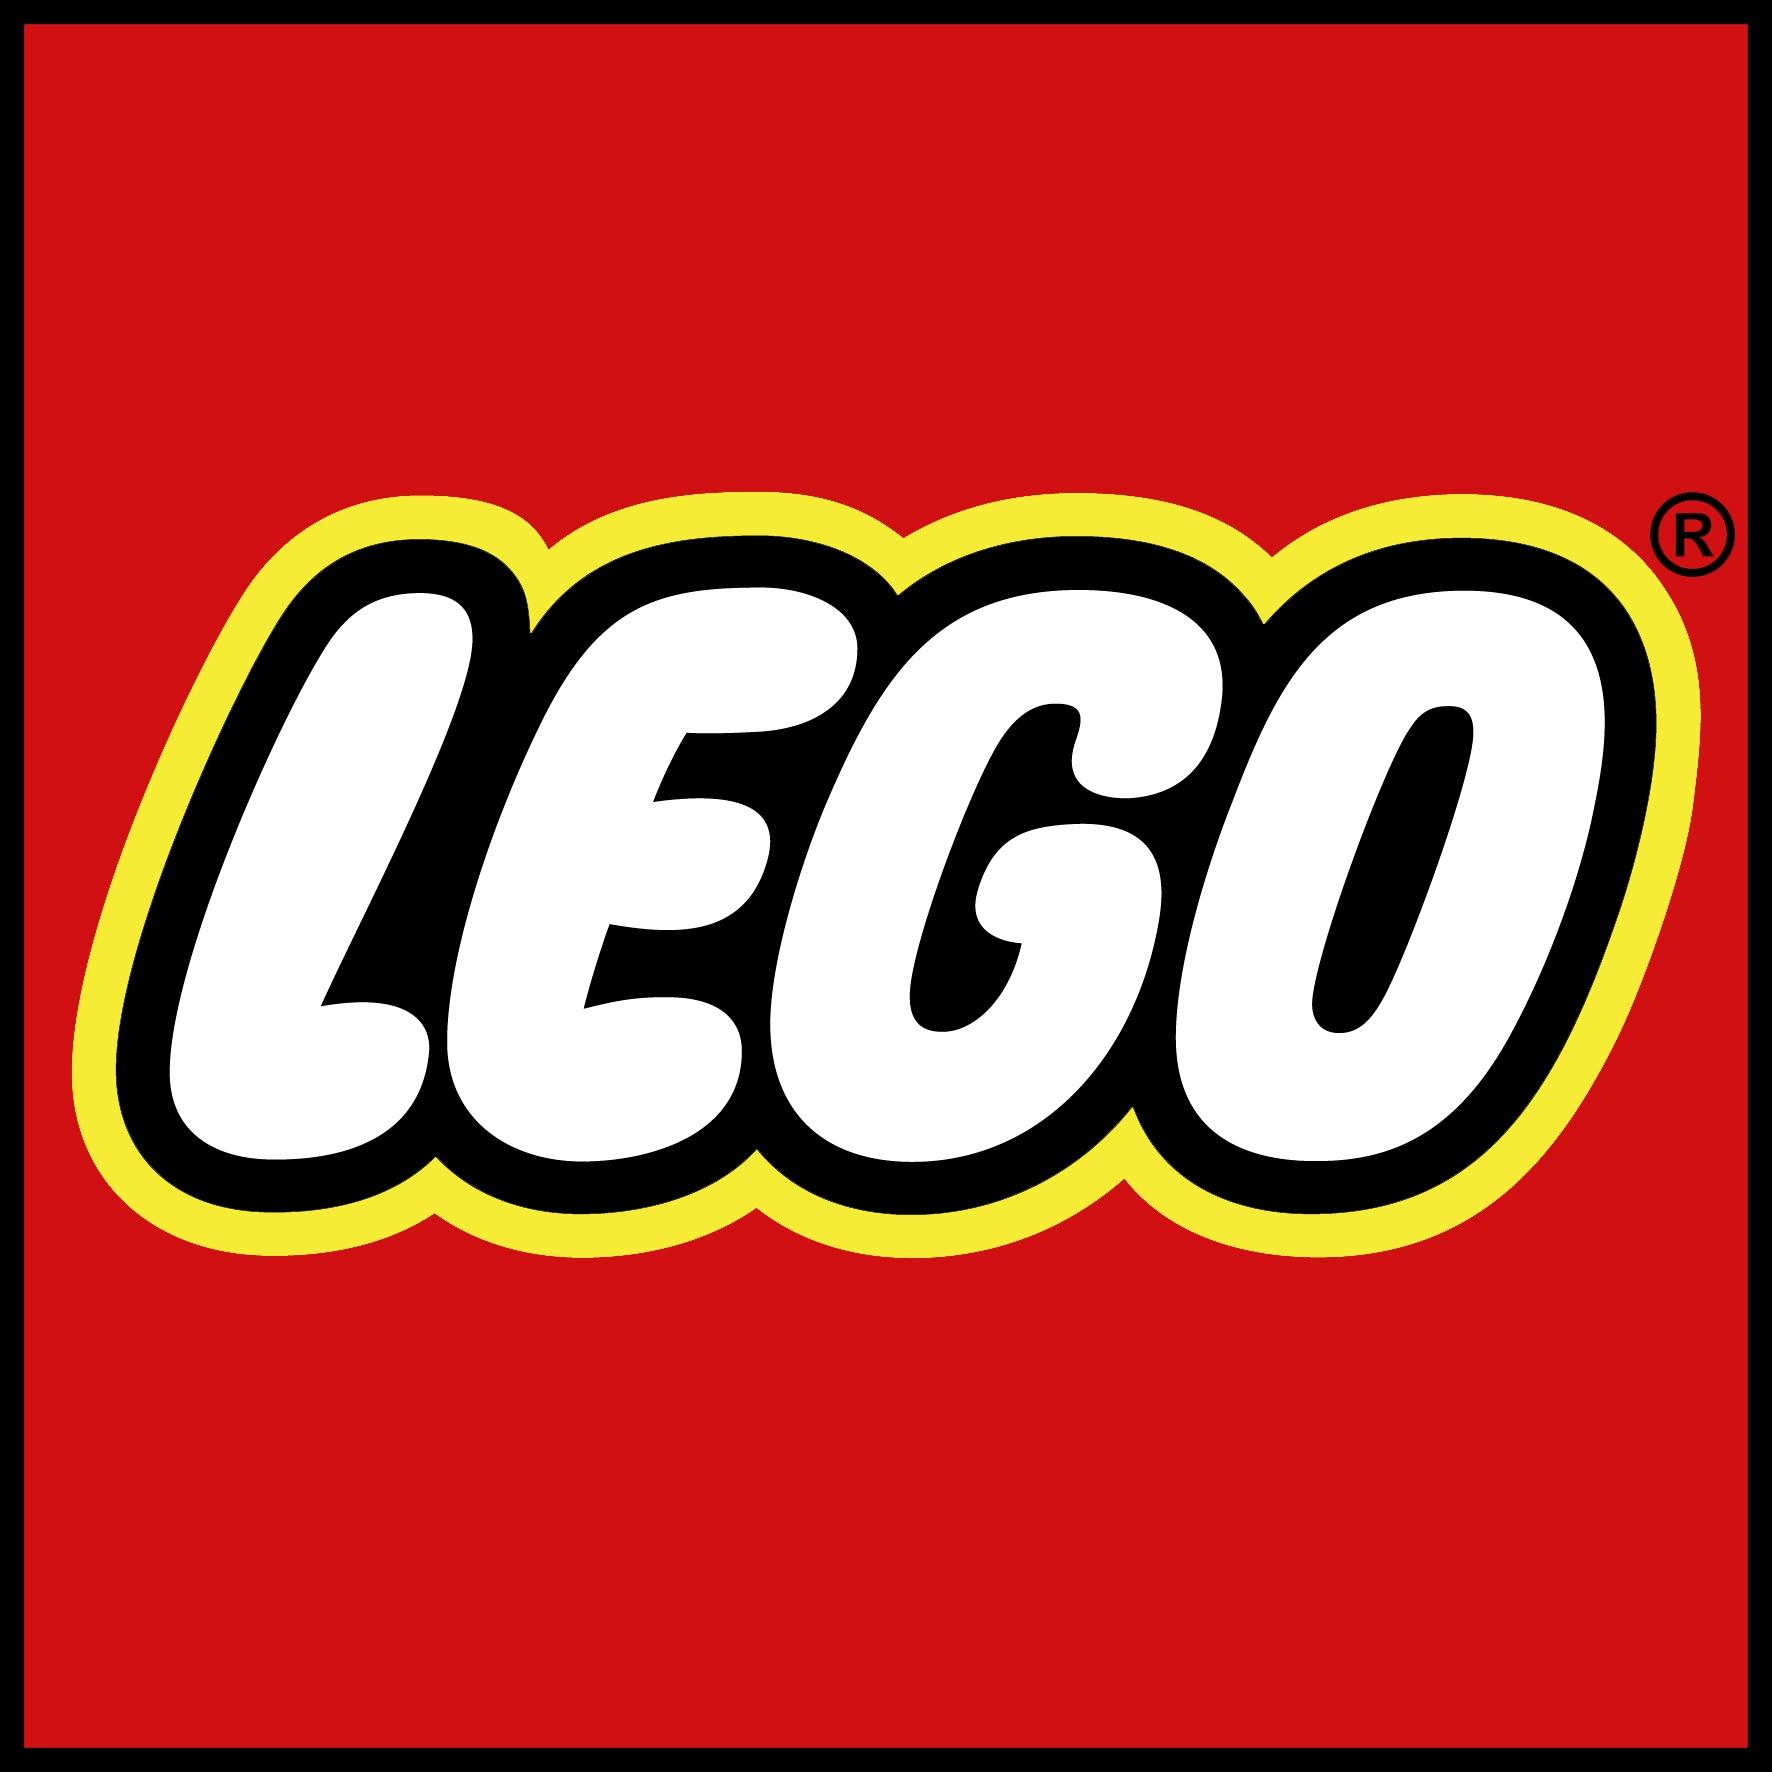 [LEGO] Zusätzlich zum 50% Sale im Lego-Onlineshop: Gratis 30446 Super Heroes Batmobil ab 30€, 2 exklusive Batman Figuren ab 55€